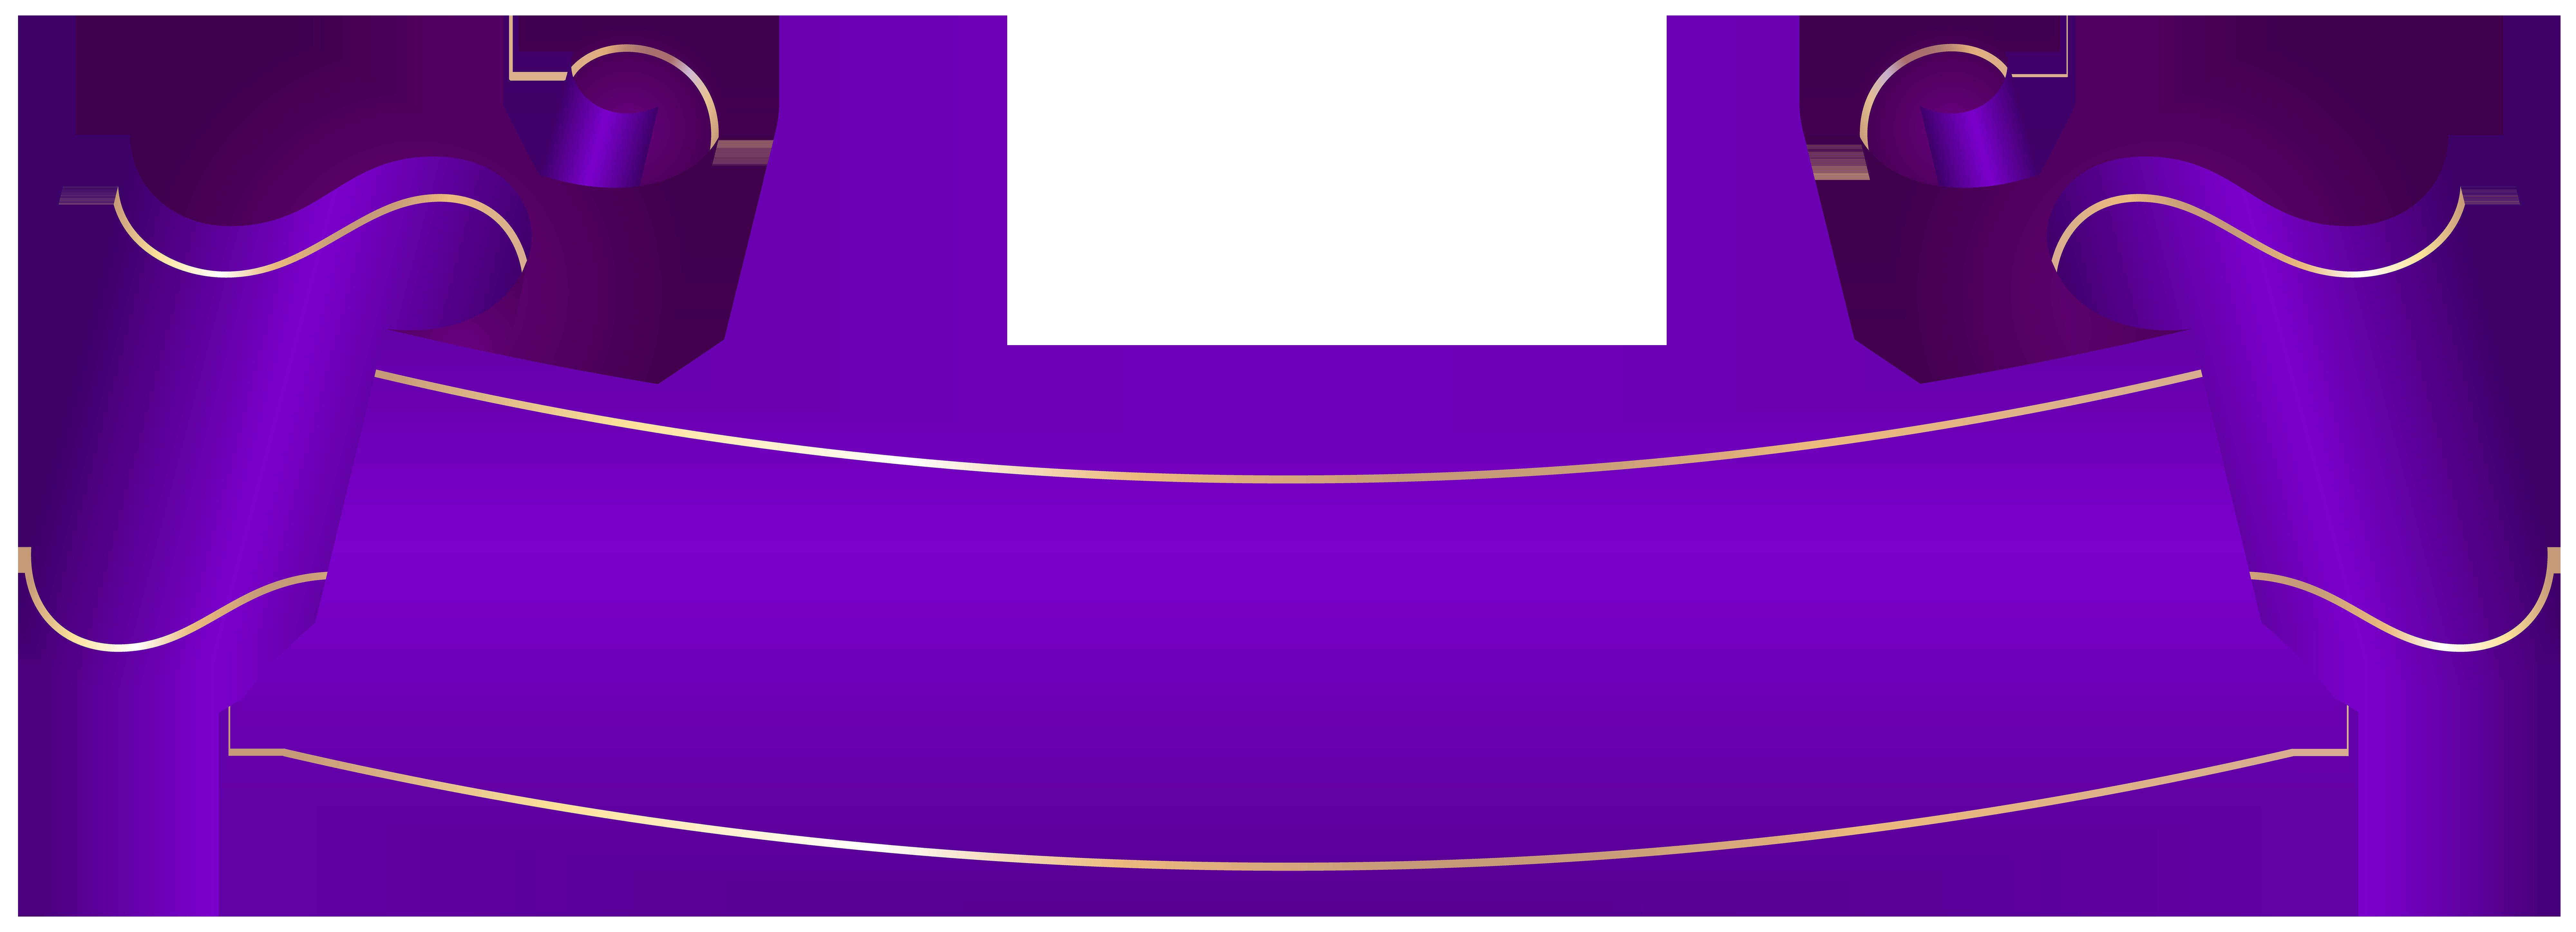 Clipart money purple. Banners ideal vistalist co